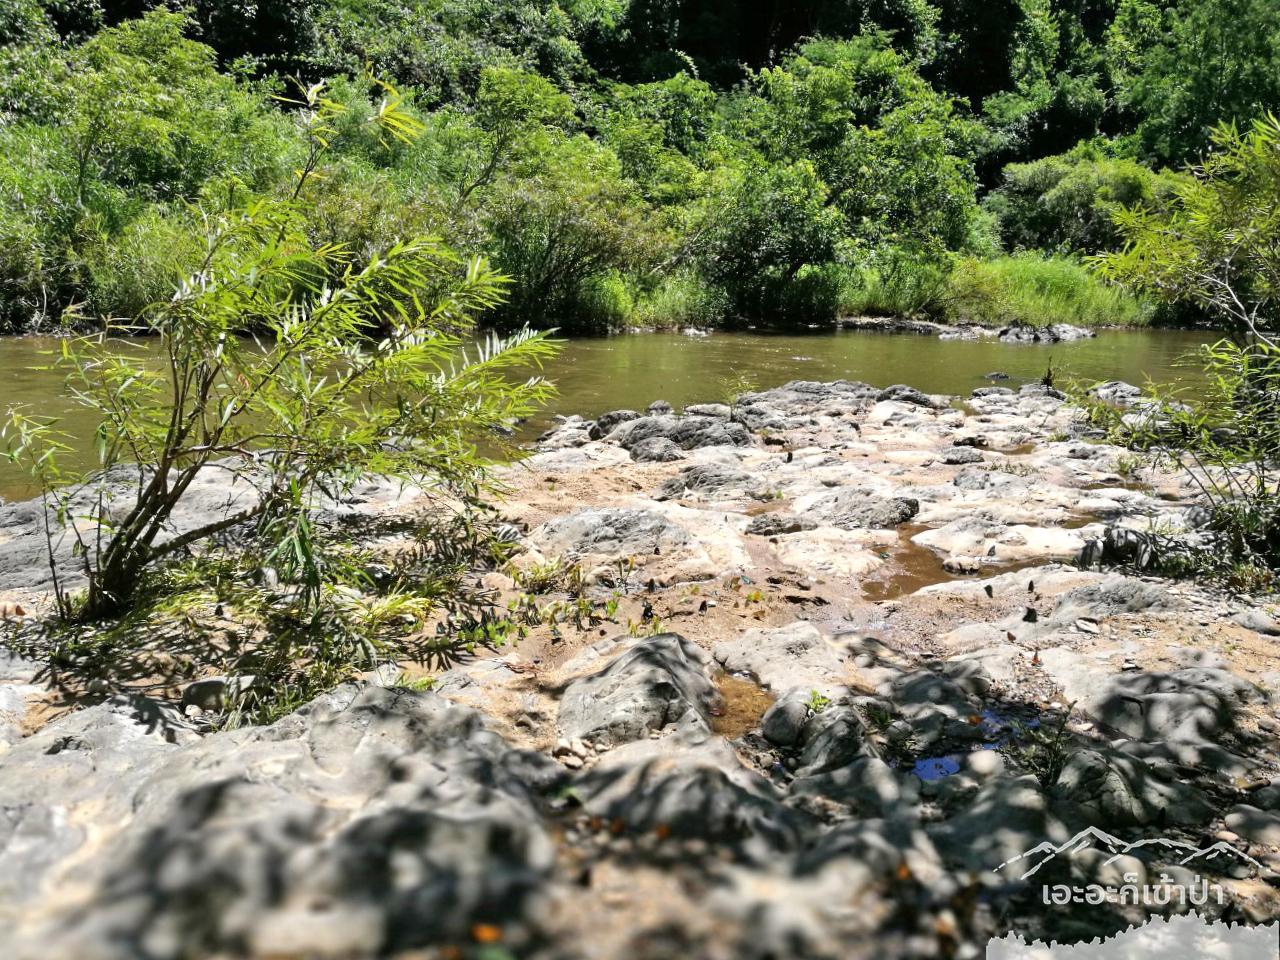 ต้นแม่น้ำเพชรบุรี หน้าเต้นท์ โป่งลึก อช แก่งกระจาน เพชรบุรี